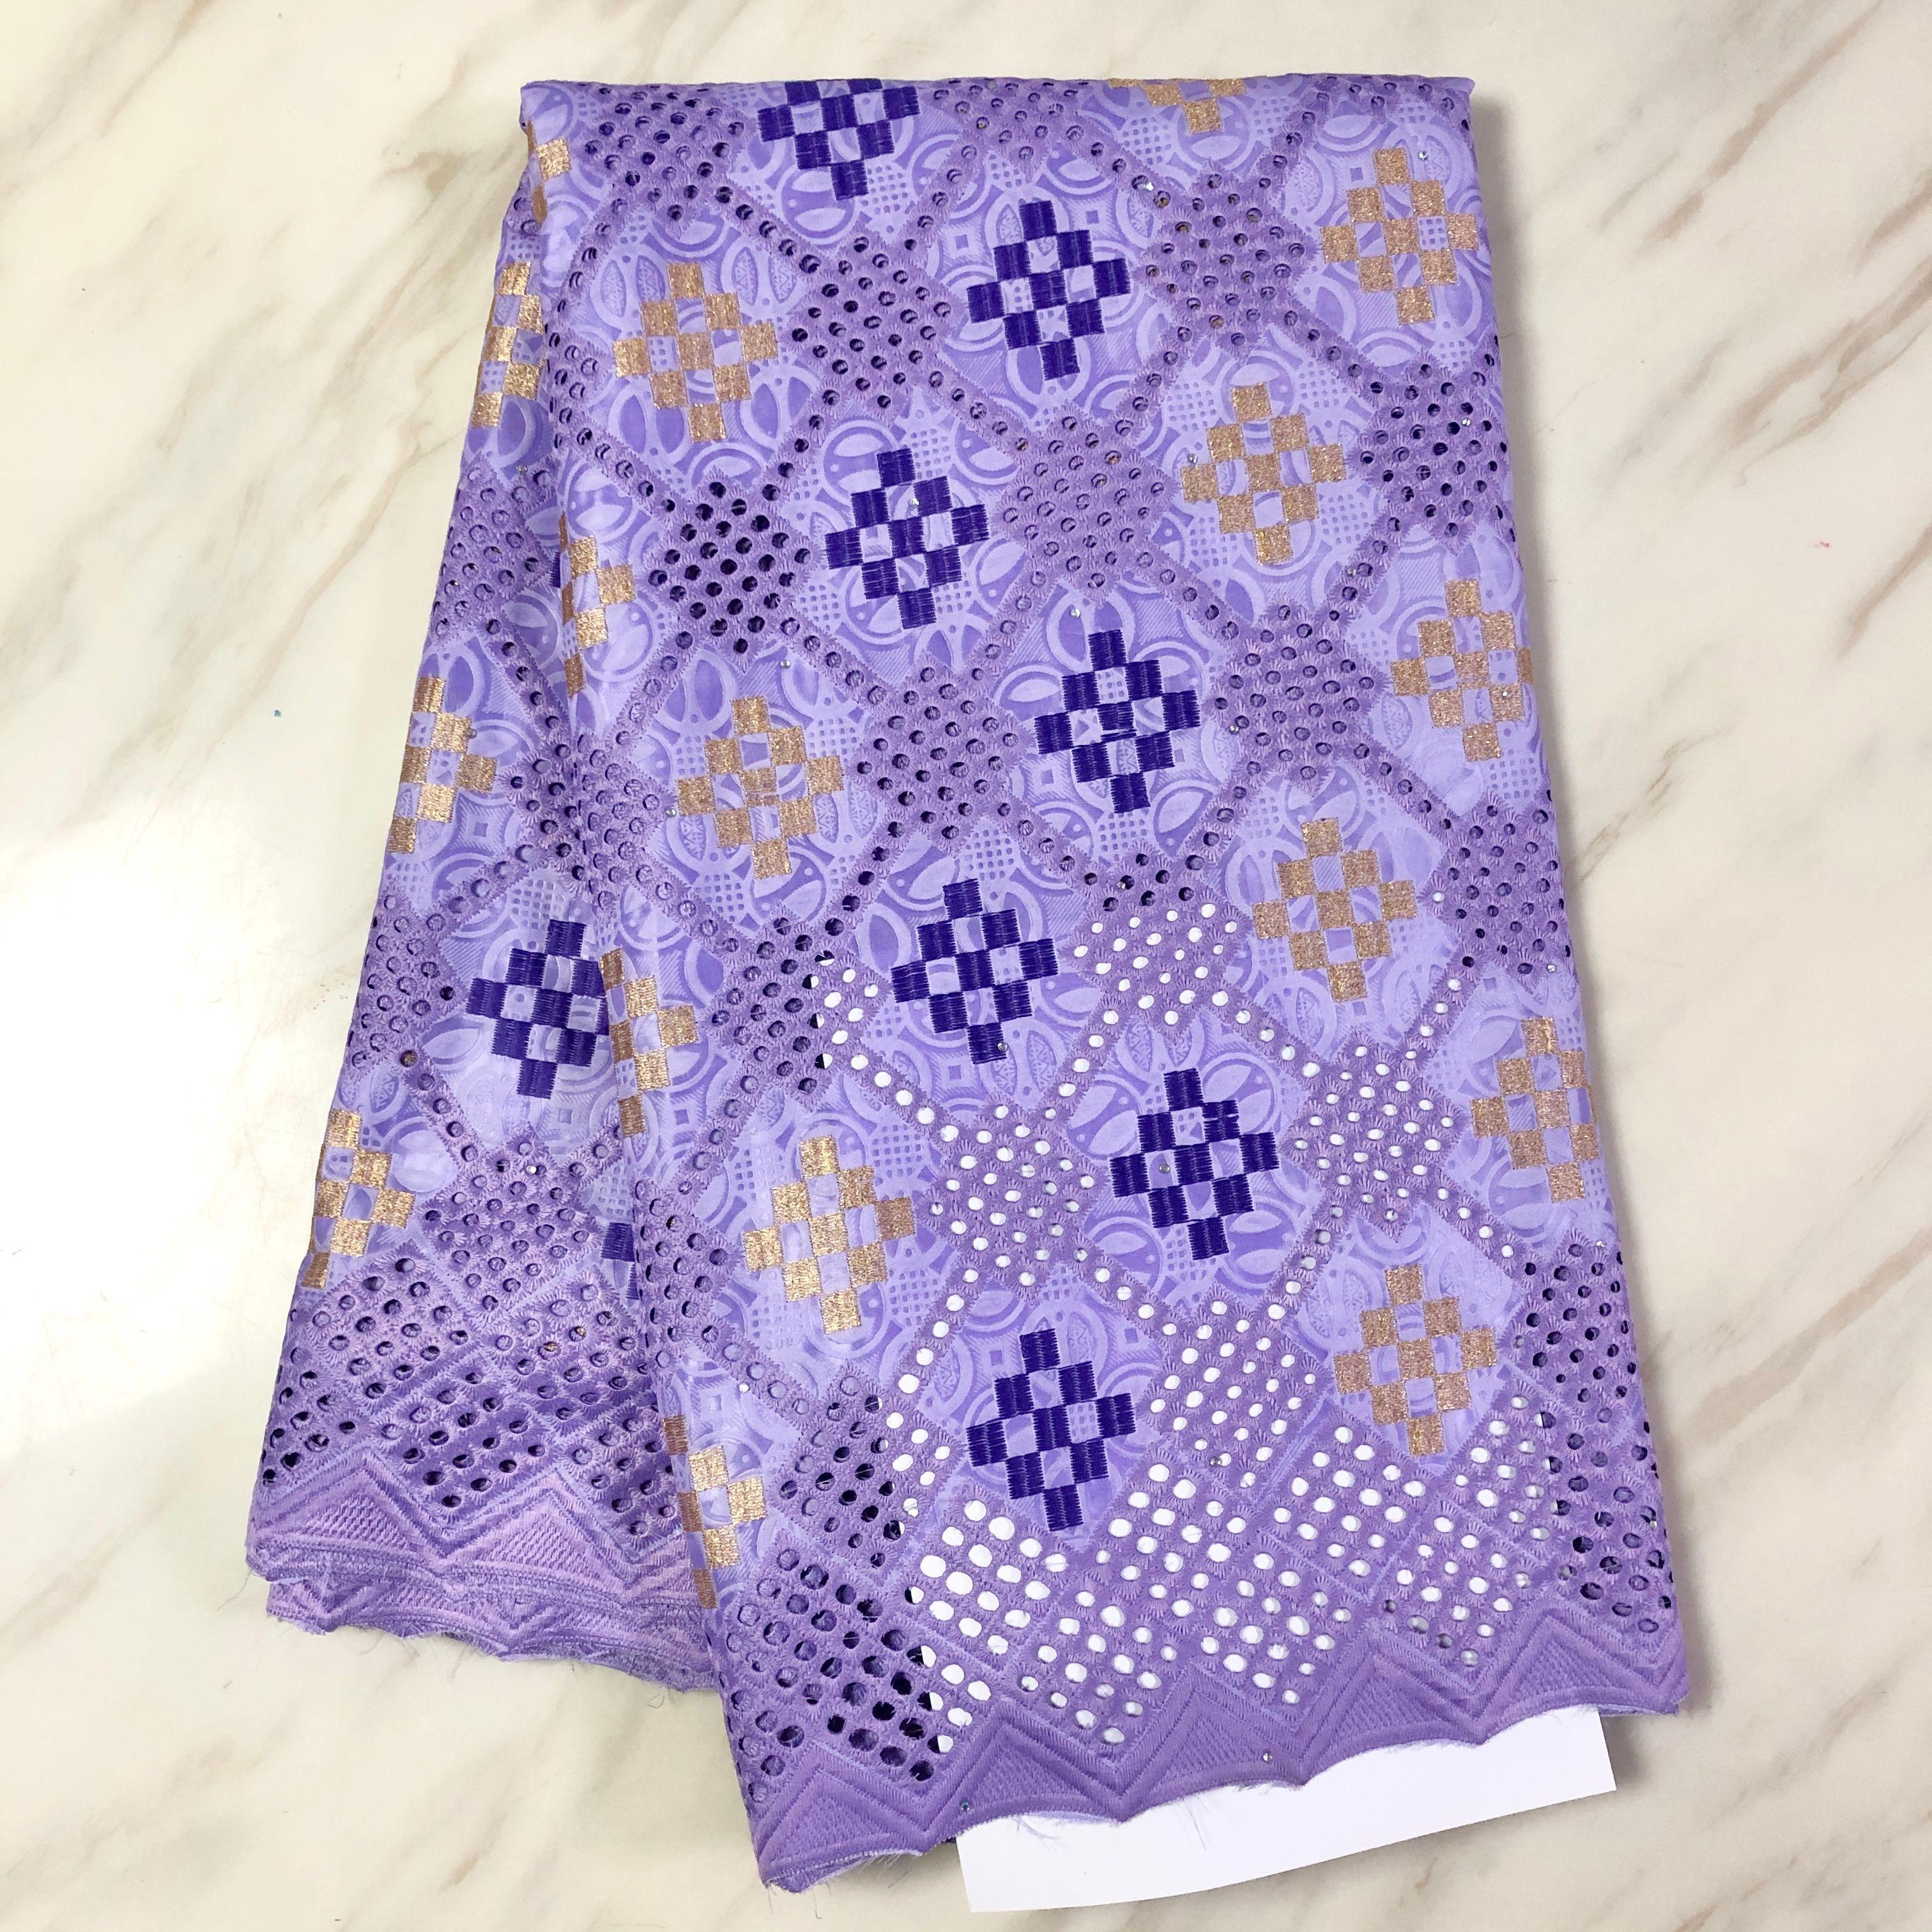 2020 neue Ankunft Stein afrikanische Bazin riche Stoff mit Perlen Stickerei Spitze / bazin riche Kleid Material Nigerian